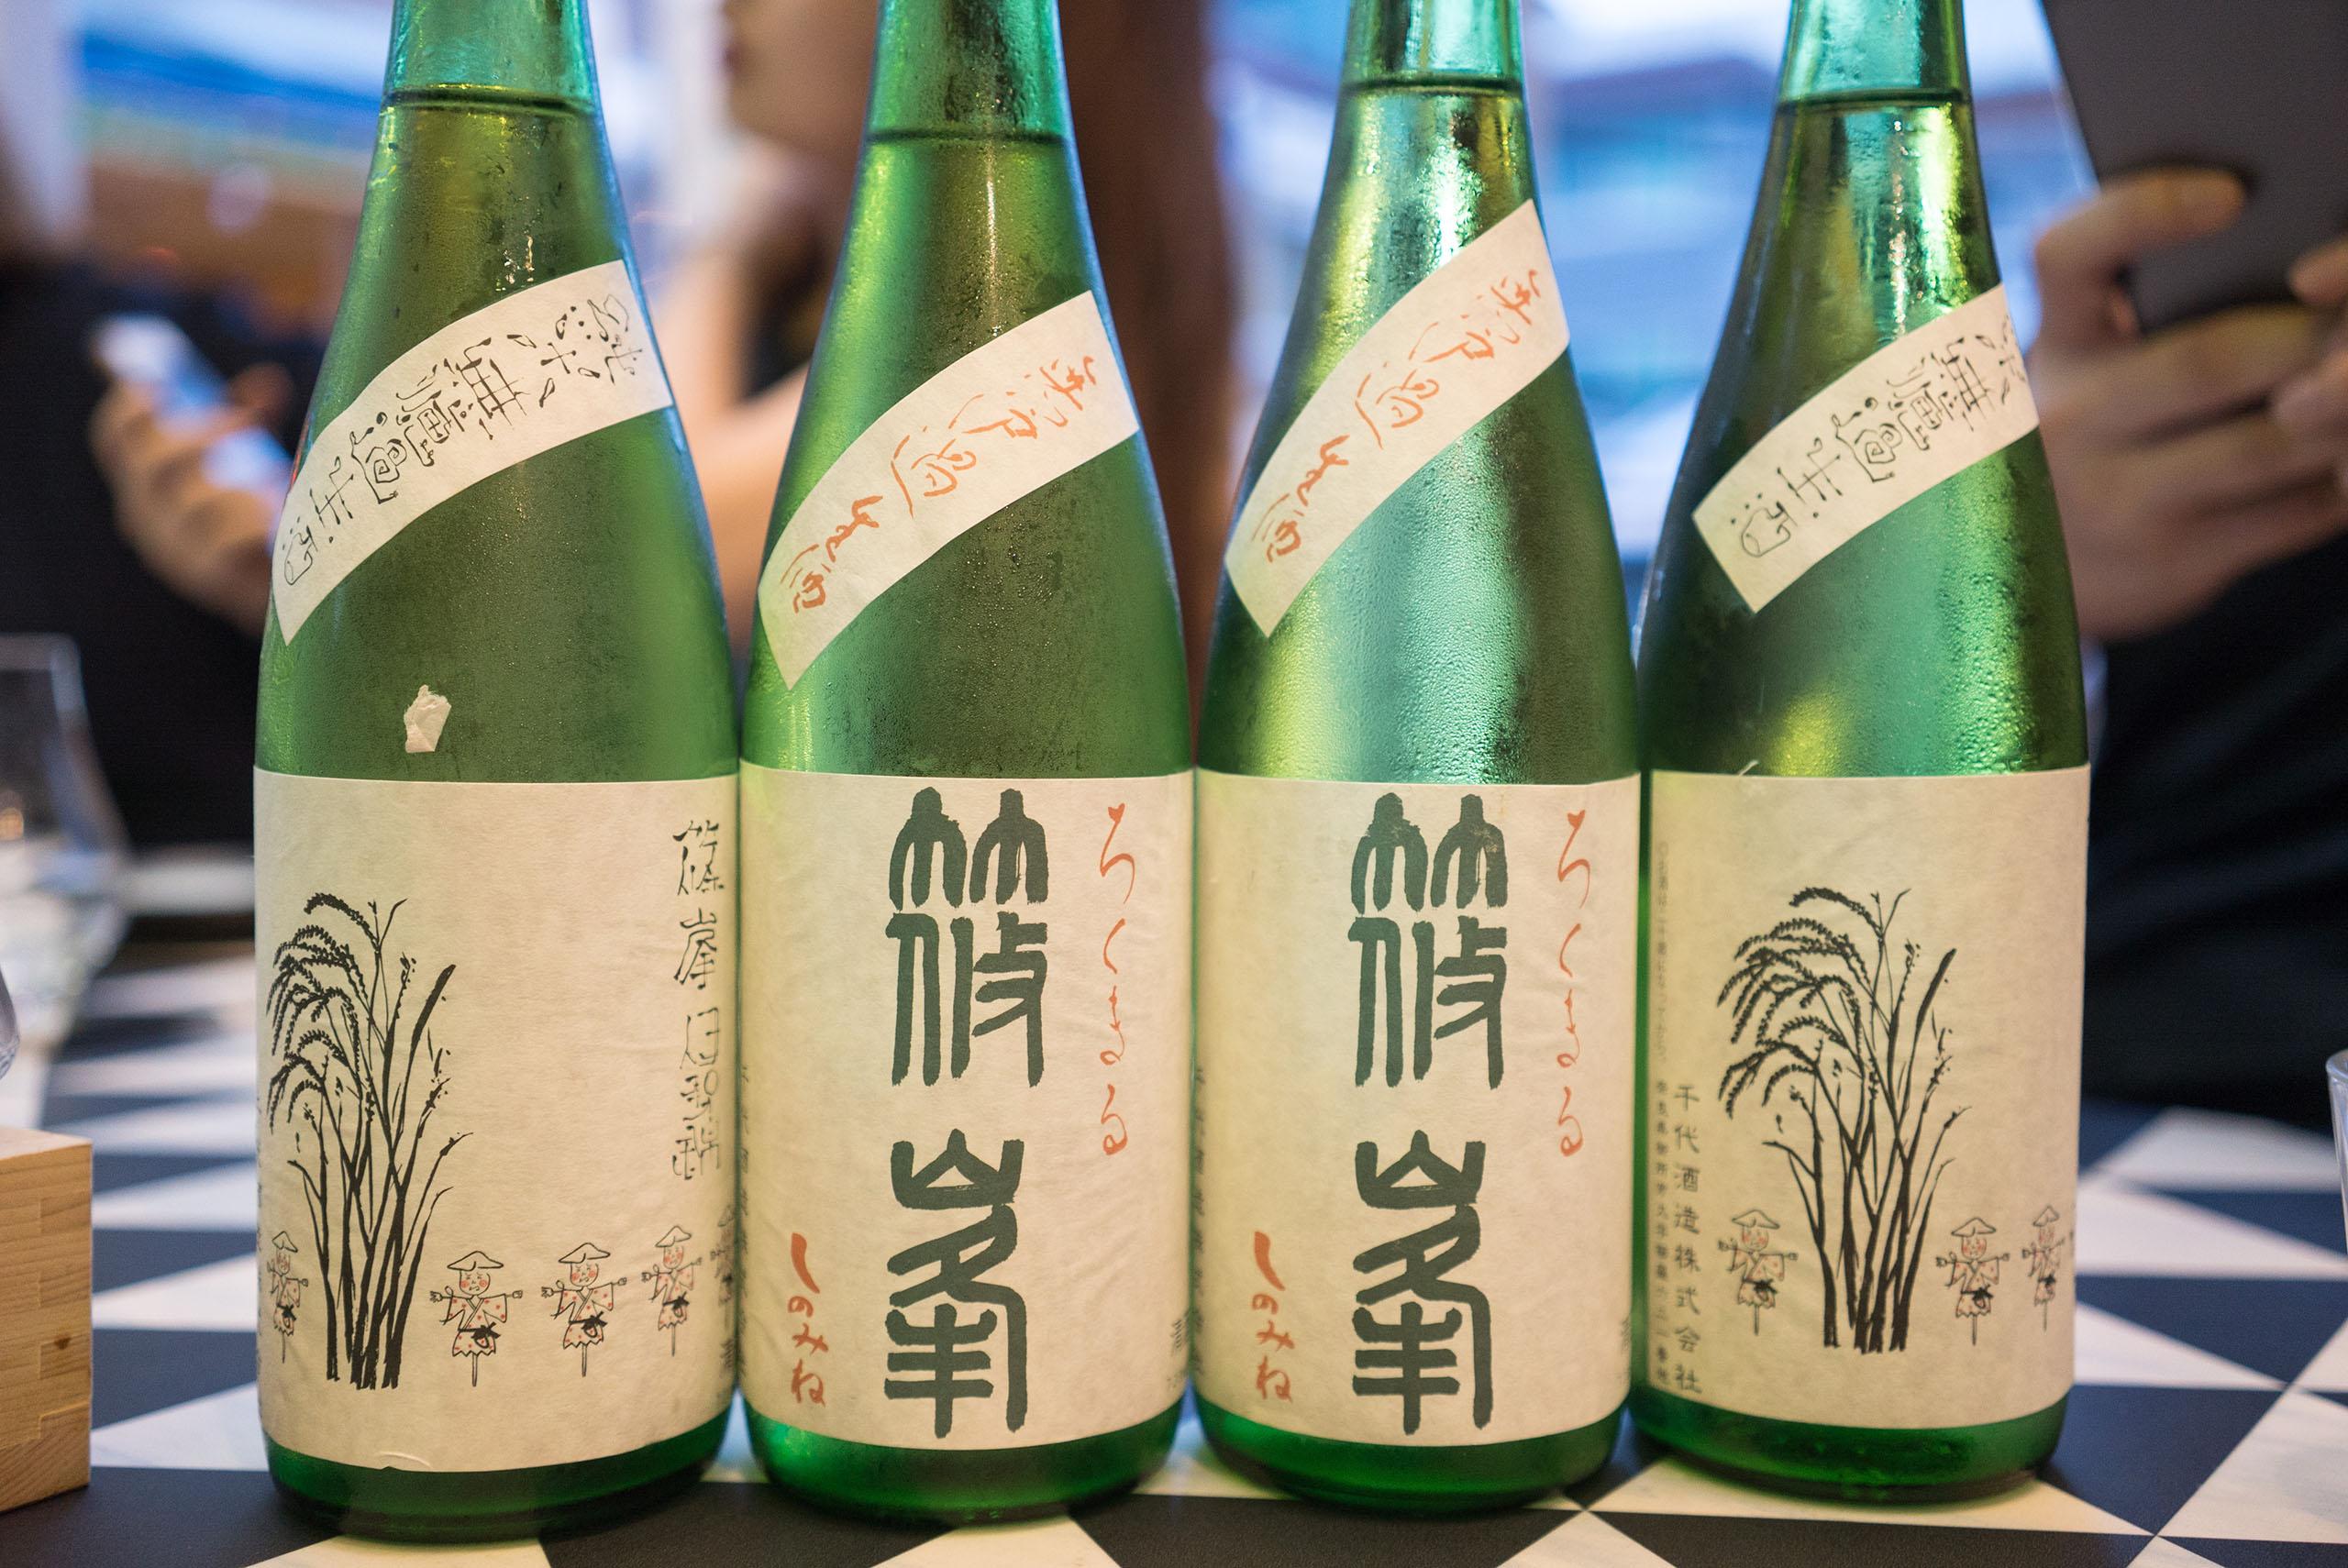 시노미네 쥰마이긴죠 로쿠마루 핫탄 무로카나마자케